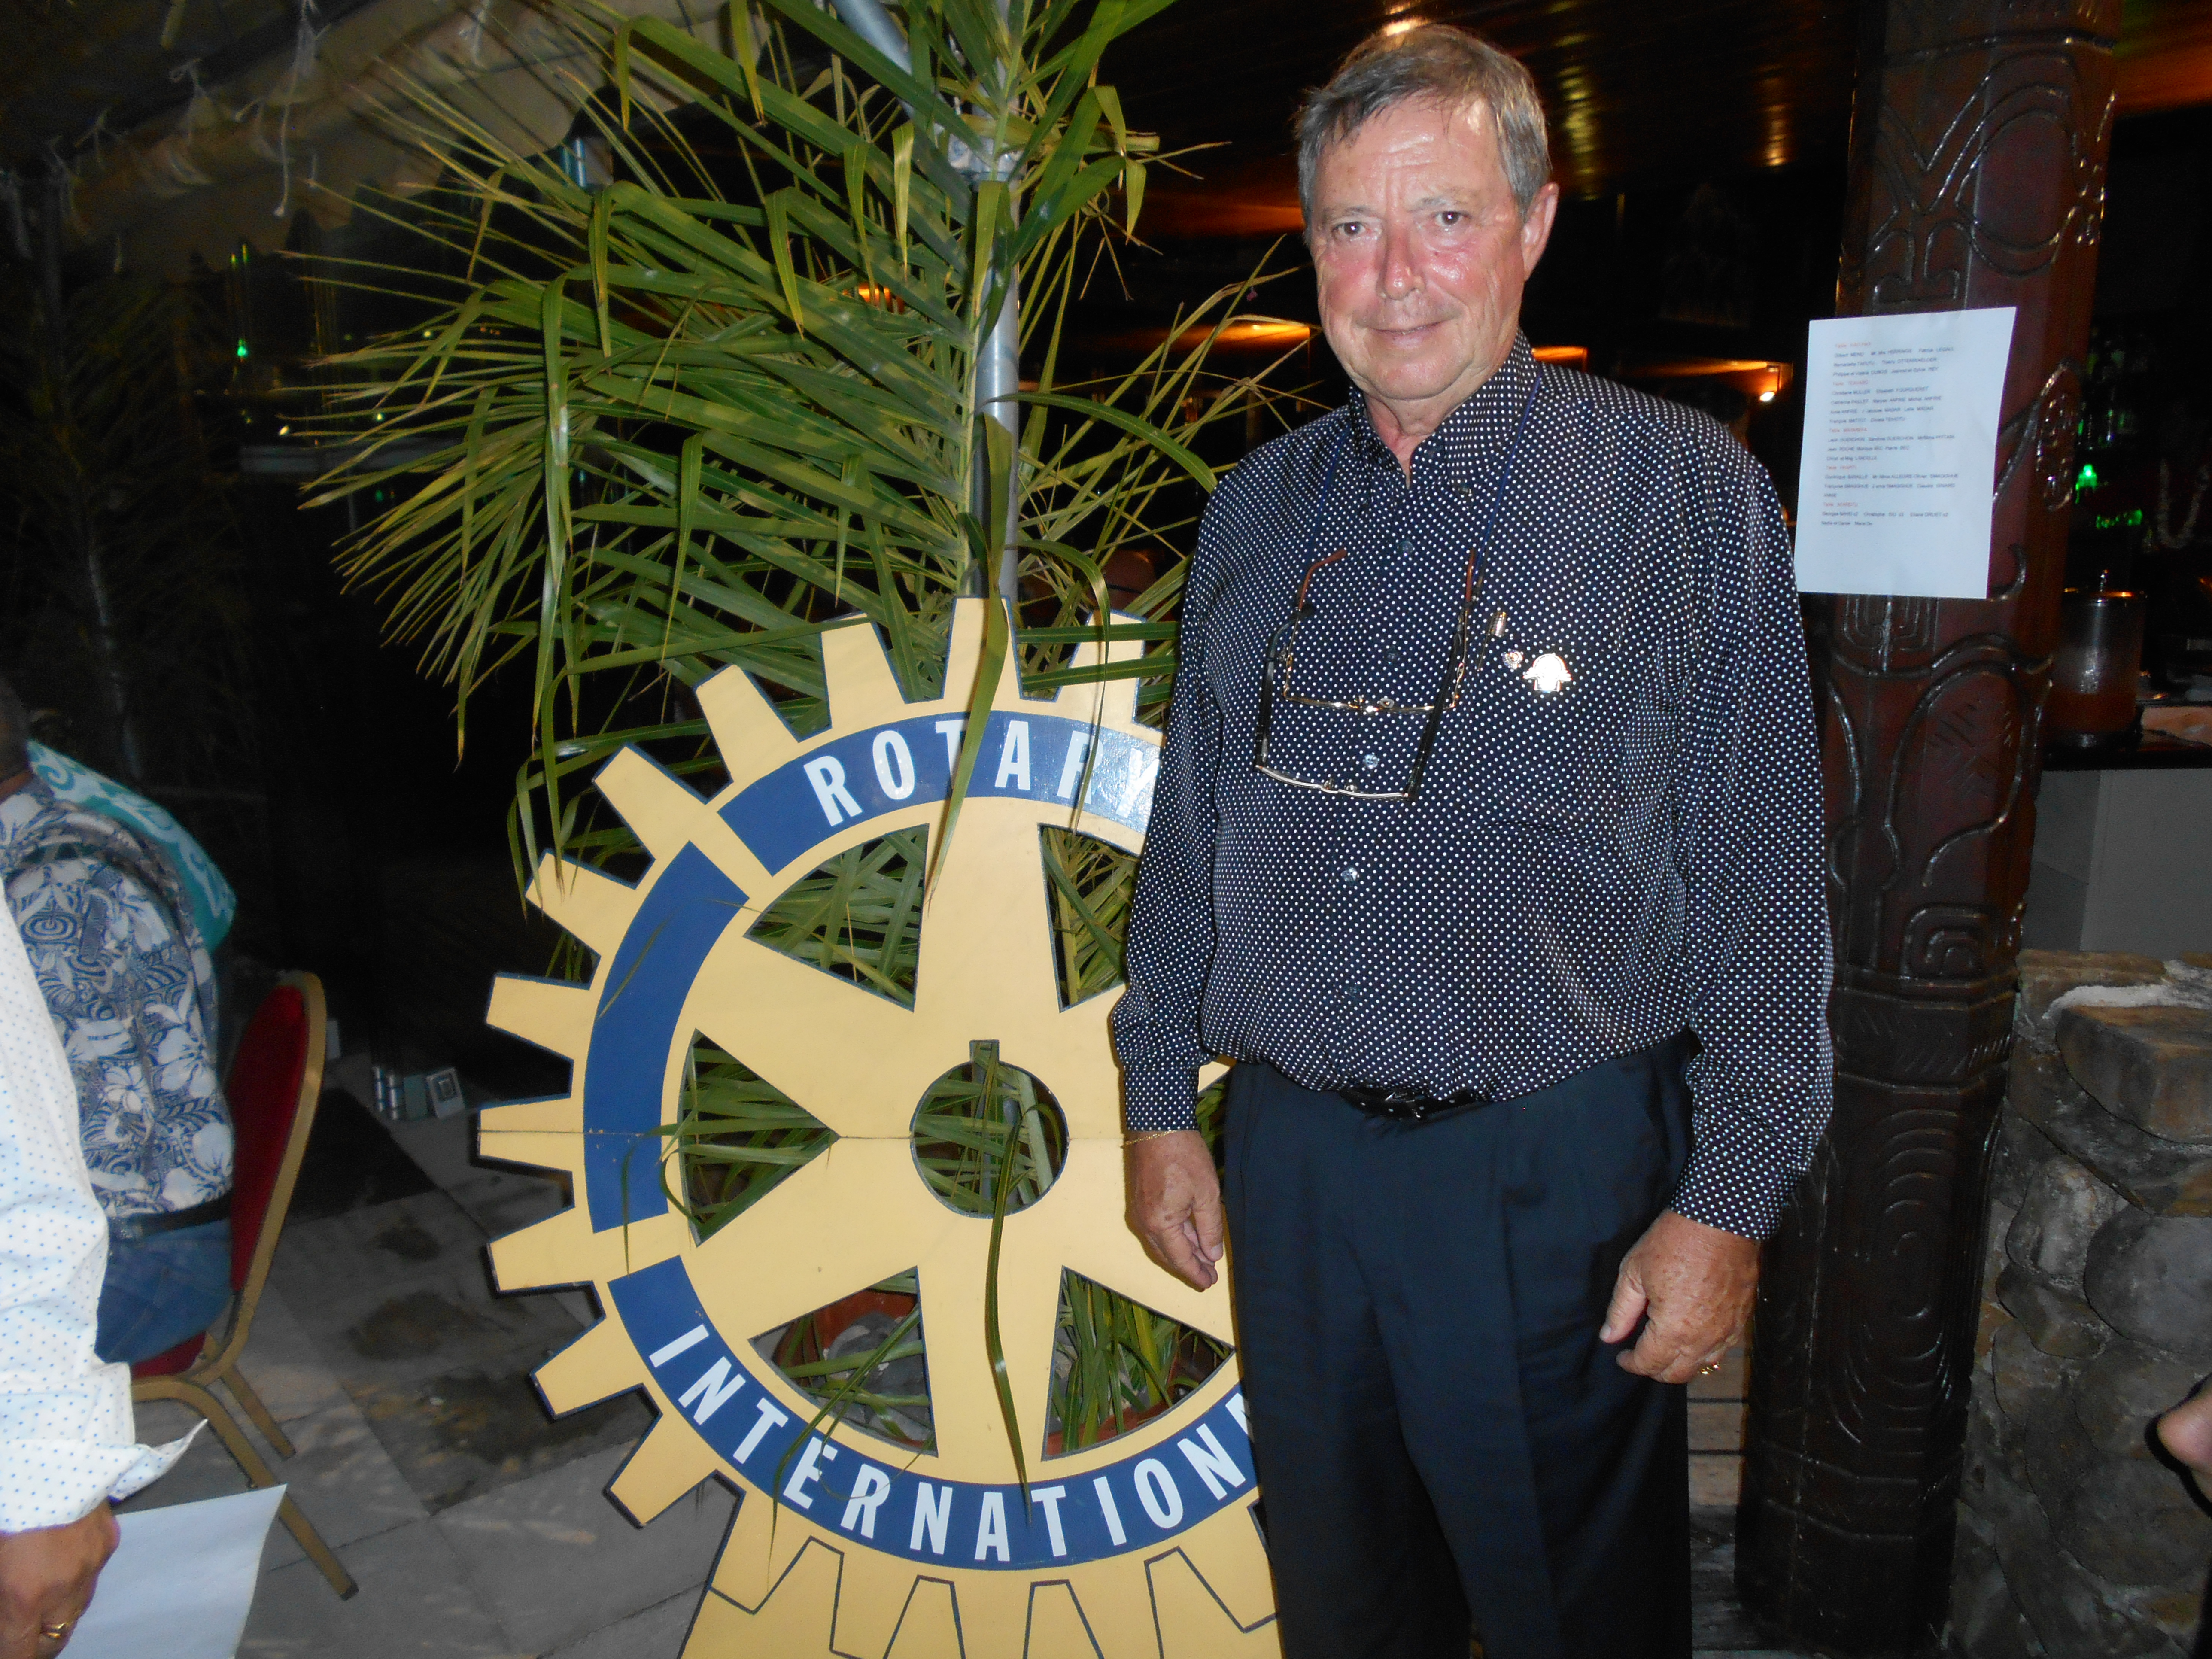 Pour les dix ans d'existence du Rotary à Moorea, le club a invité la population afin de leur dresser un bilan de leurs actions menées sur l'île.